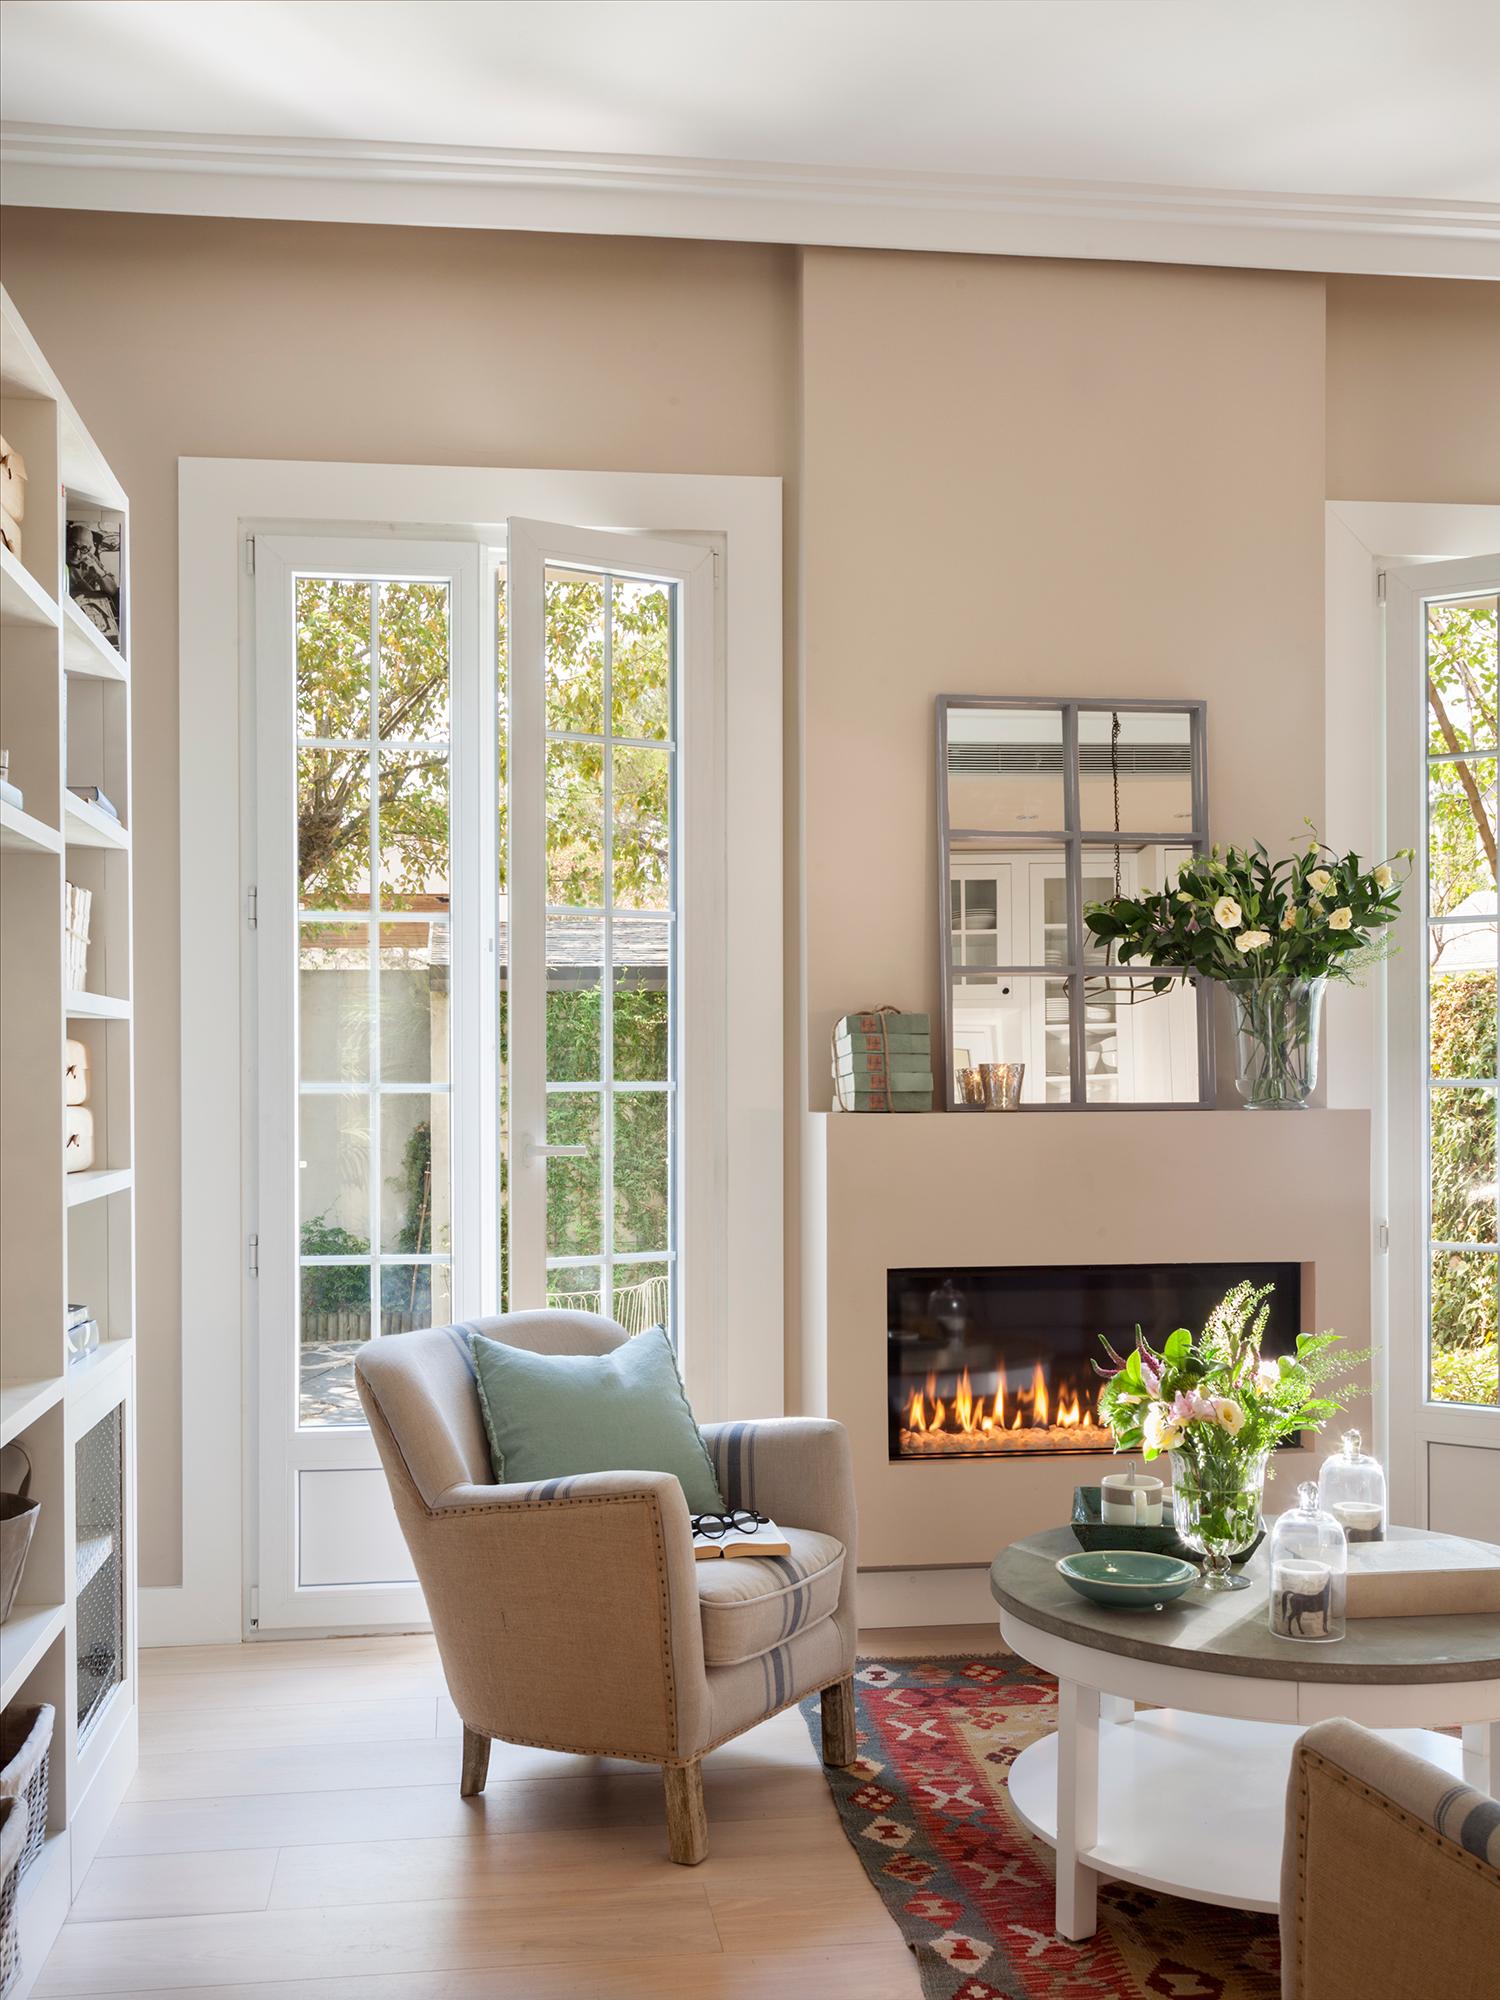 Trucos para que las ventanas parezcan m s grandes - Salones con chimeneas ...